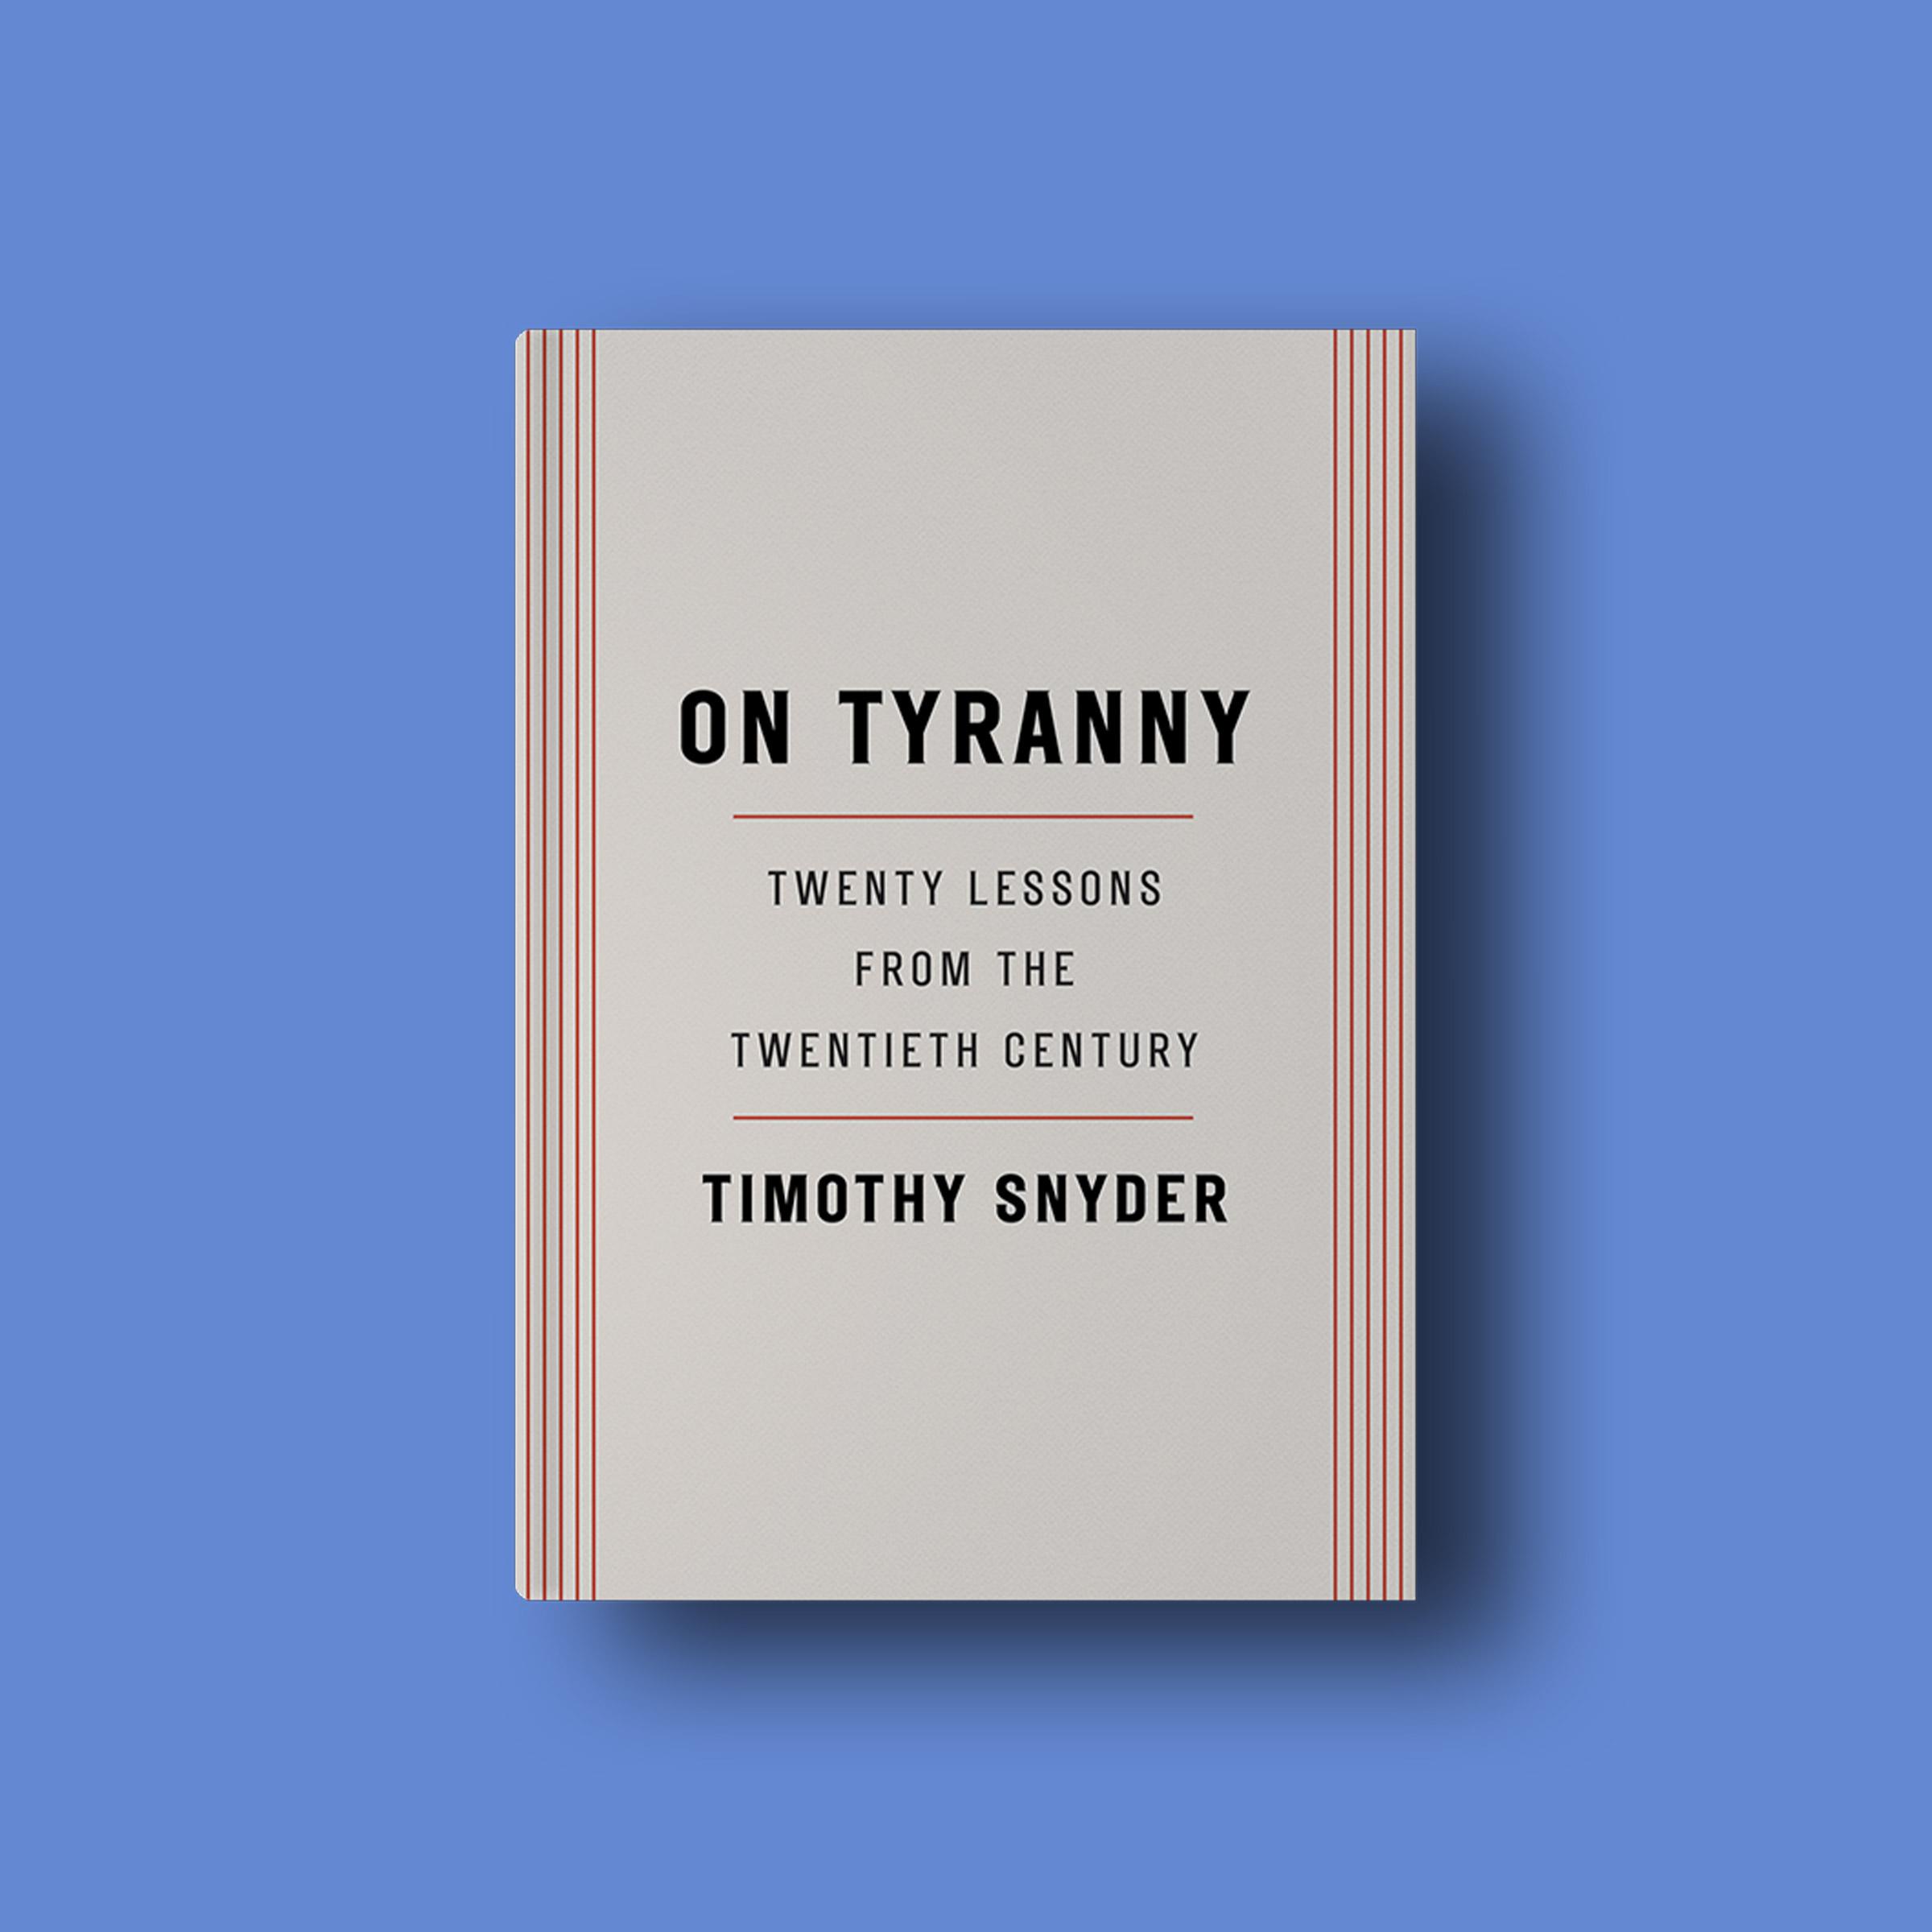 On Tyranny Excerpt